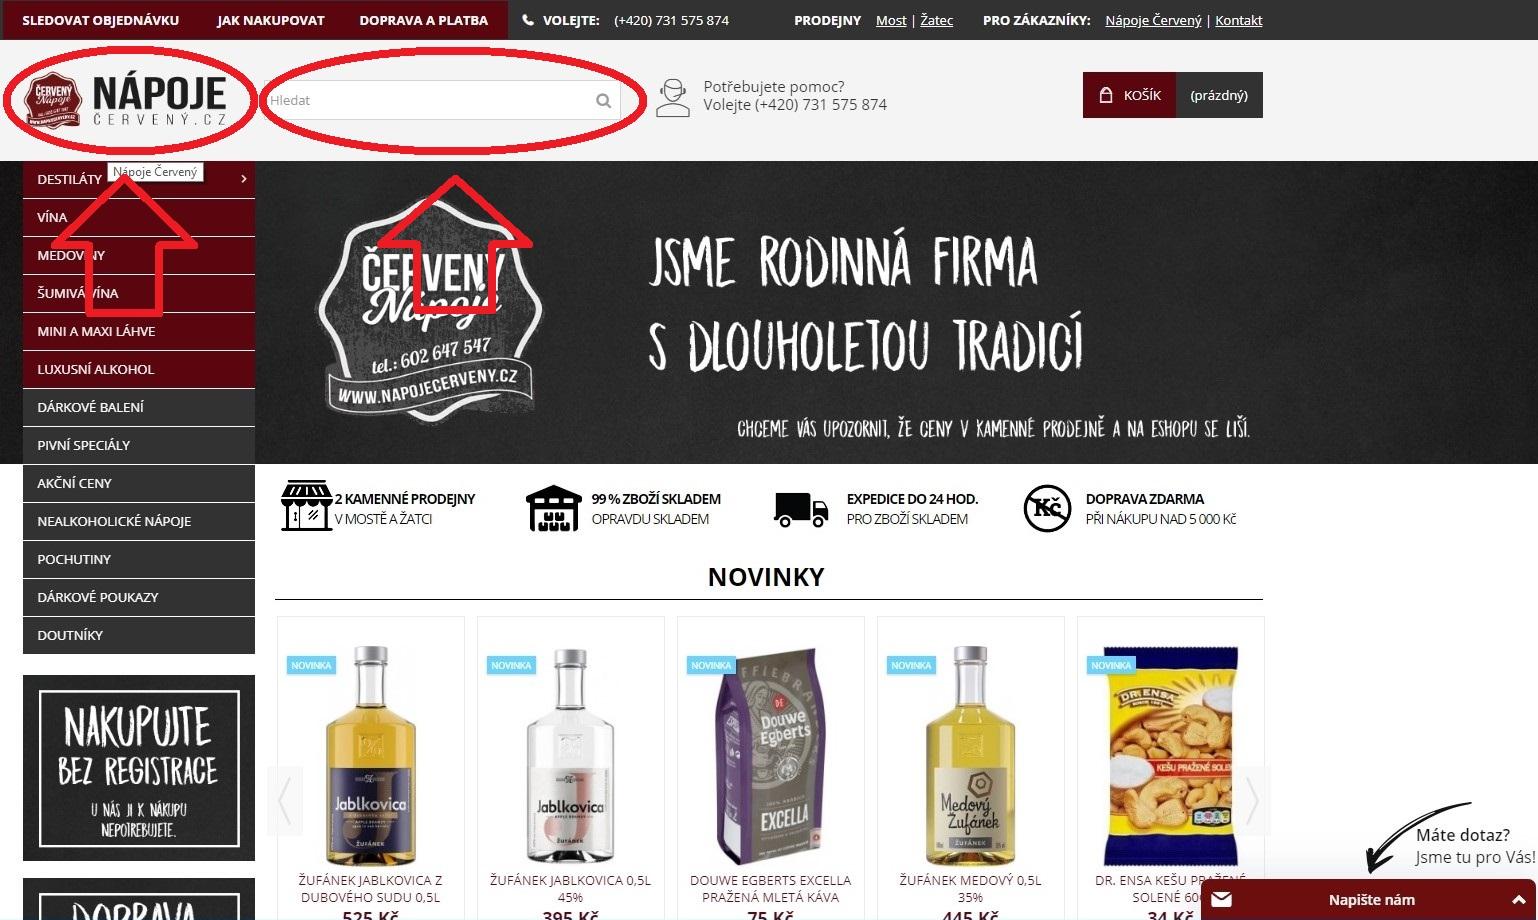 Jak nakupovat?Napojecerveny.cz